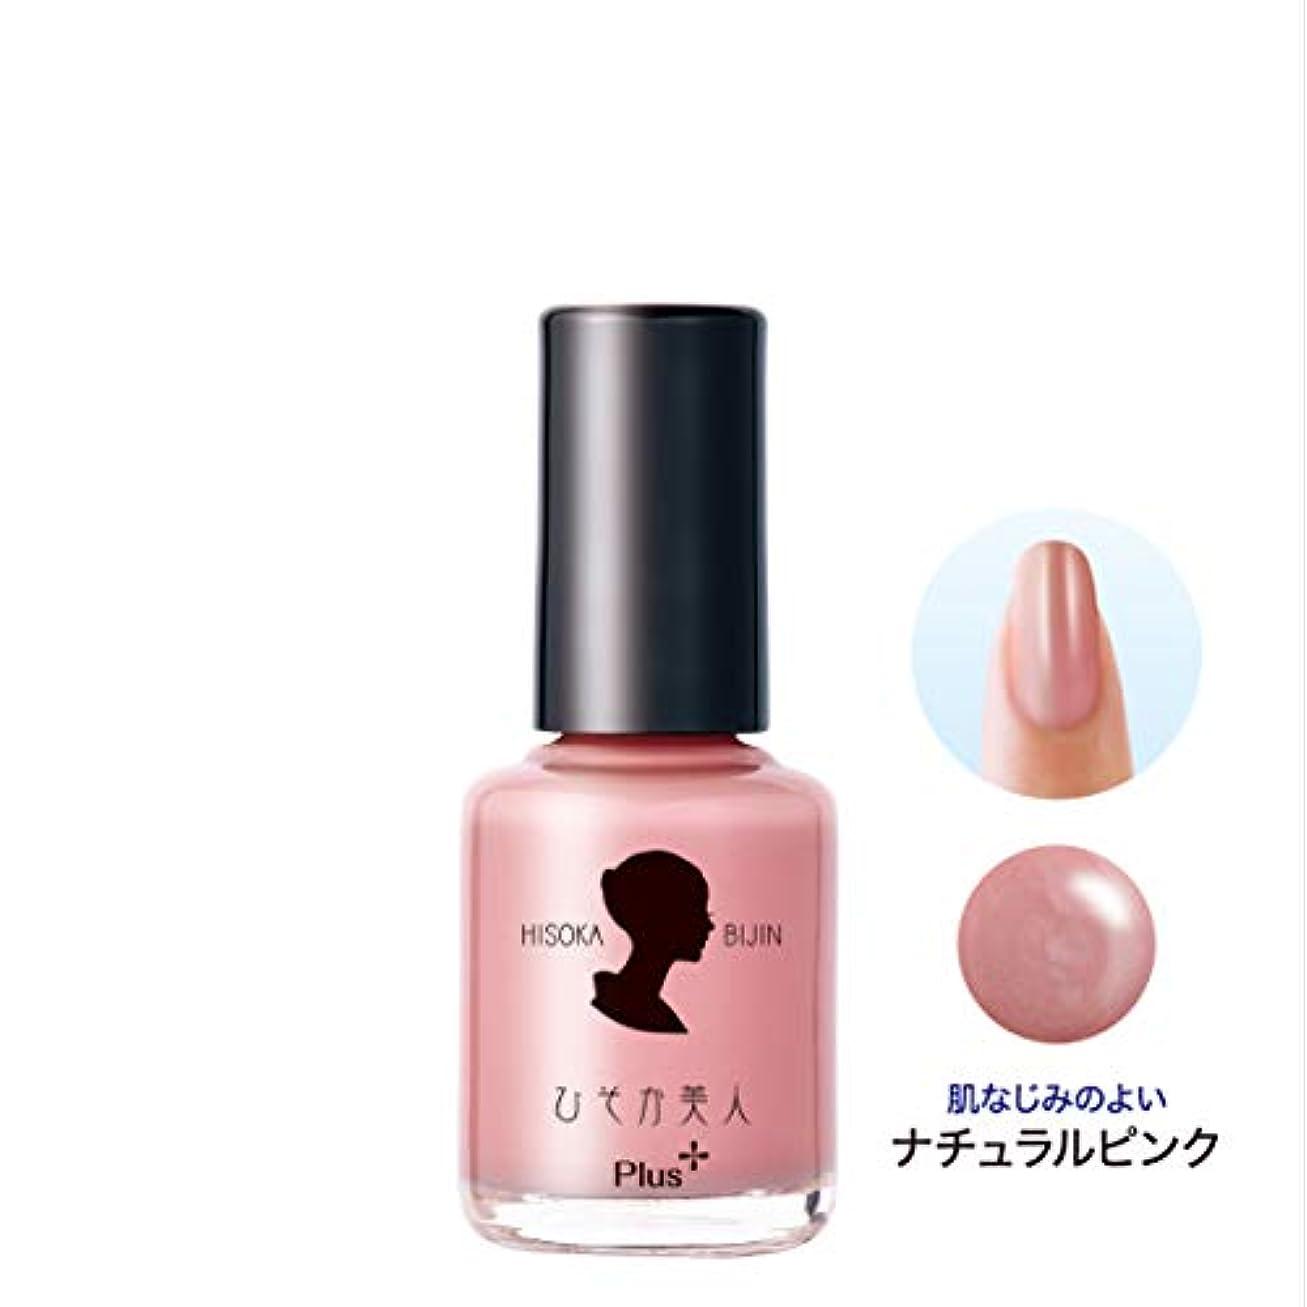 初期発表忠実ひそか美人 ドレスアップネイル プラス ナチュラルピンク